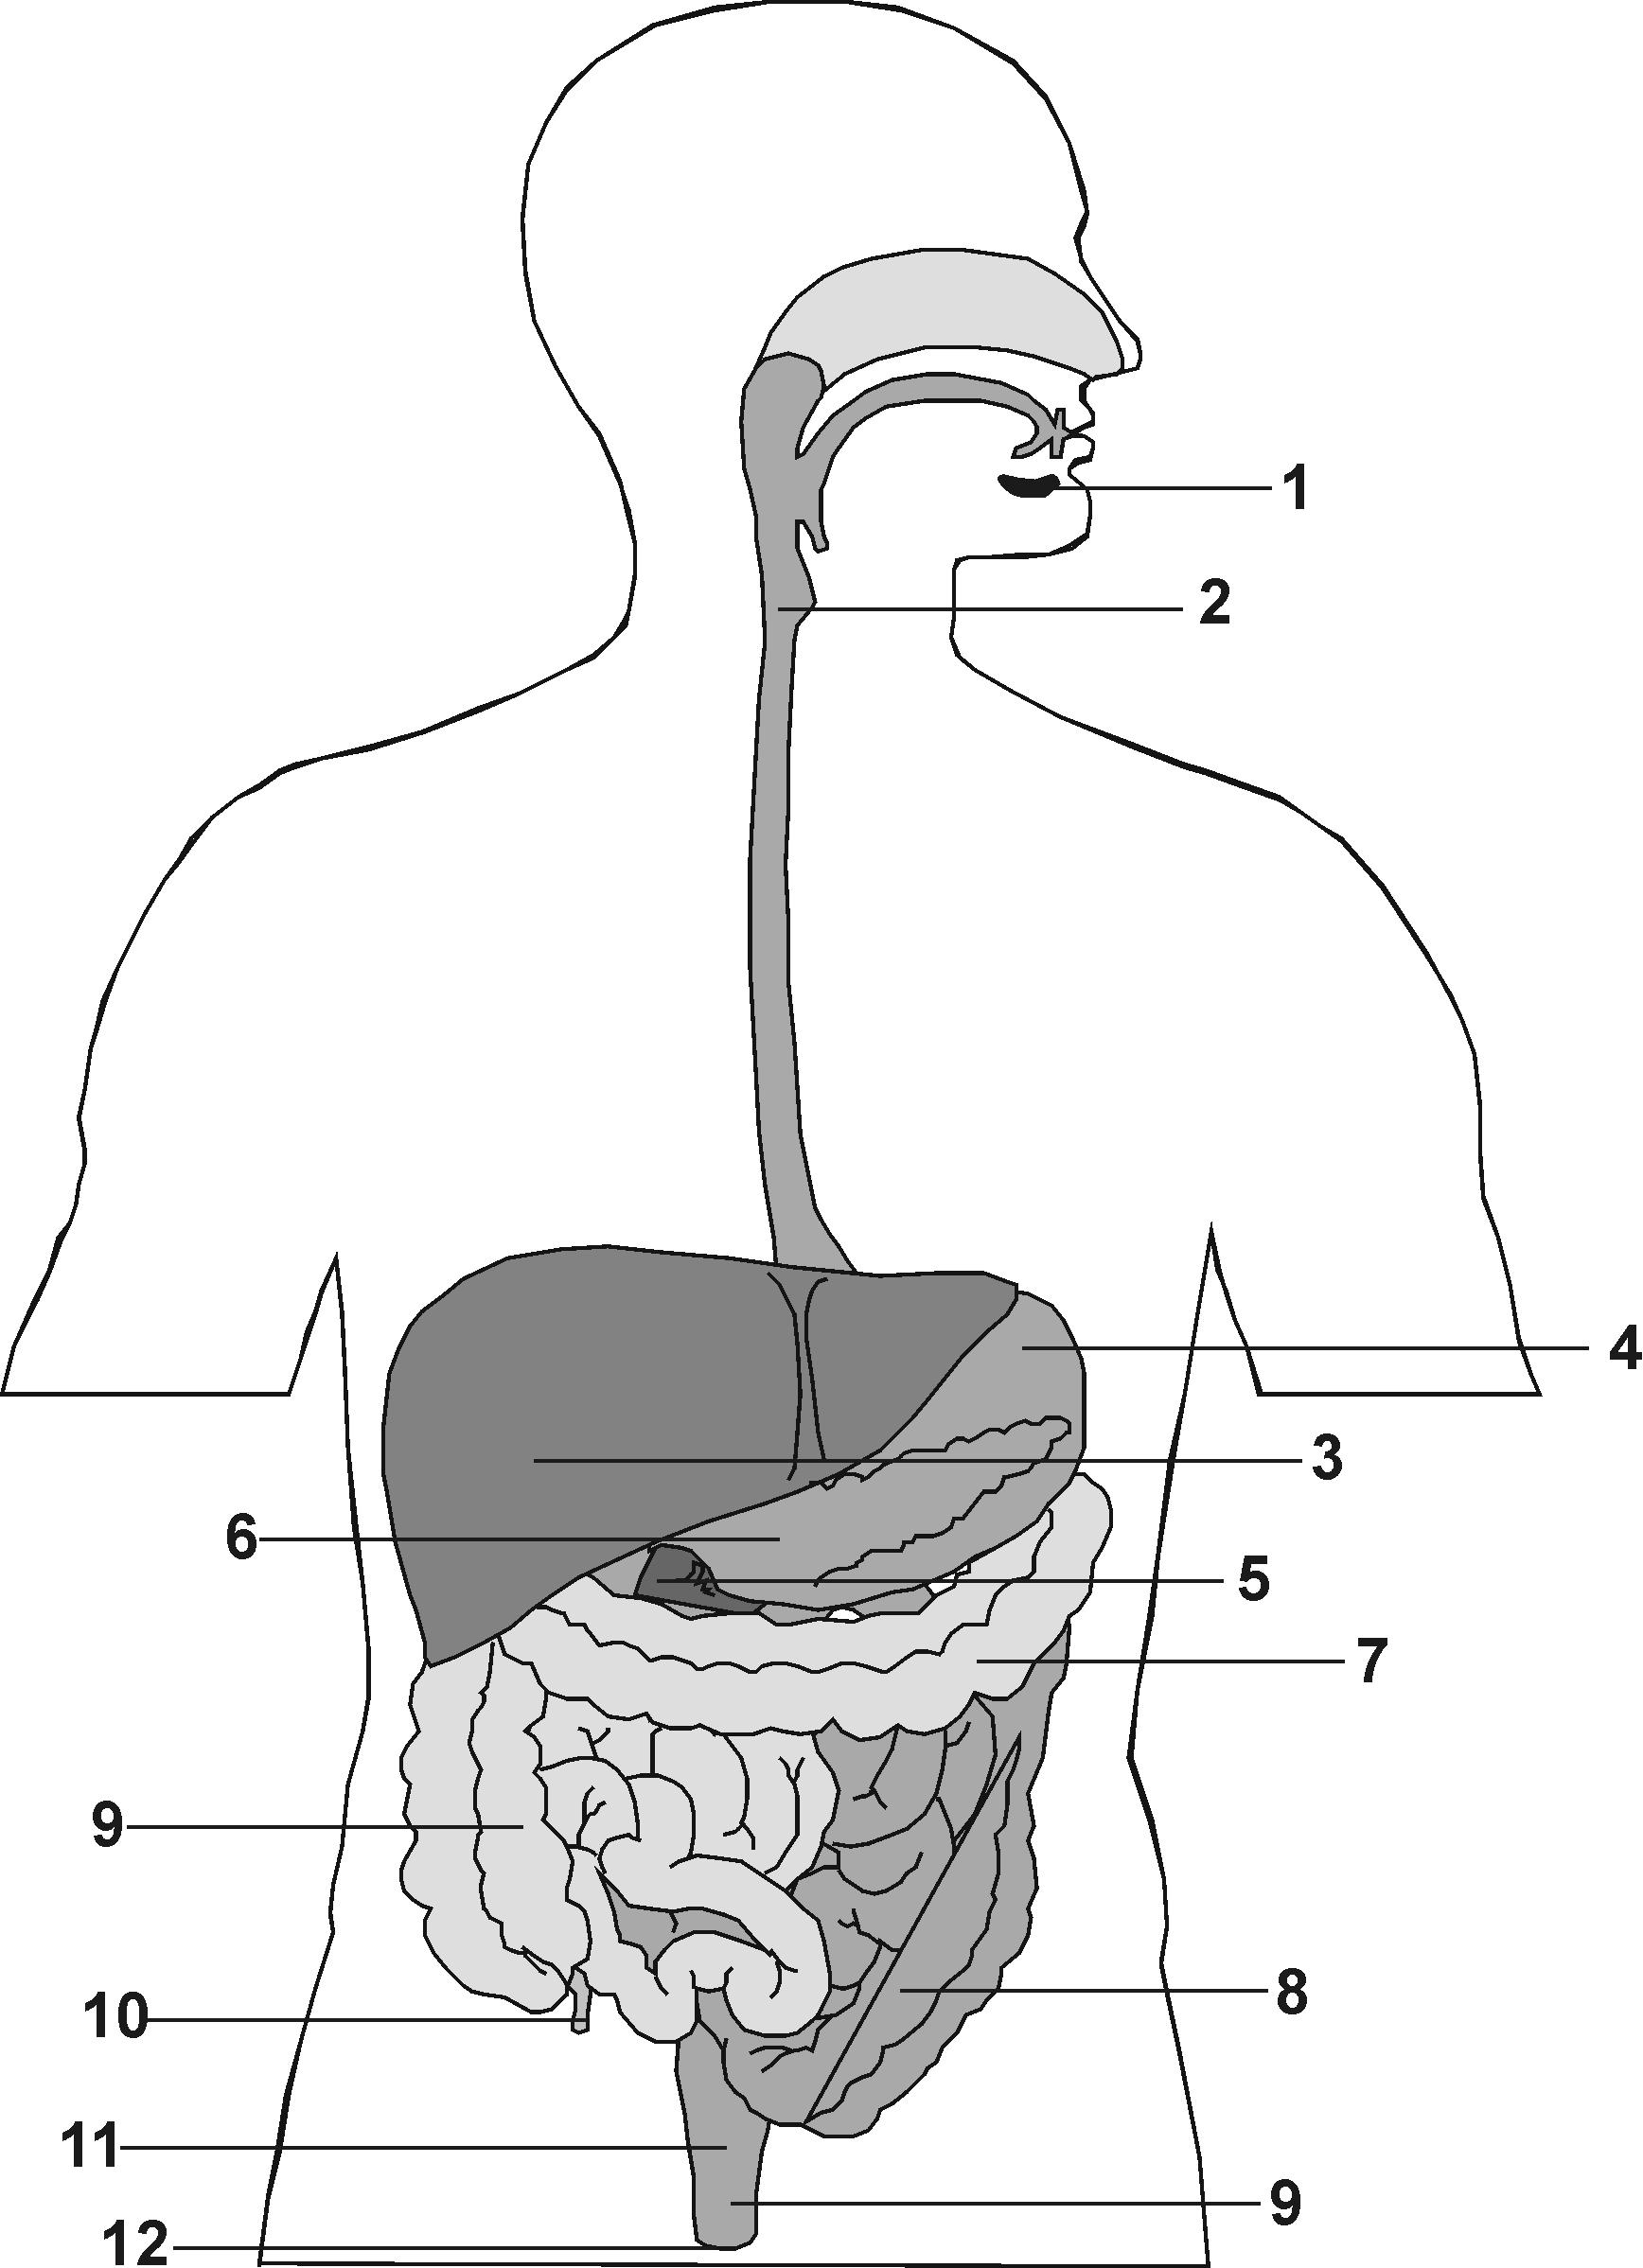 Digestive System Diagram Worksheet Digestive System Diagram Worksheet The Best Worksheets Image